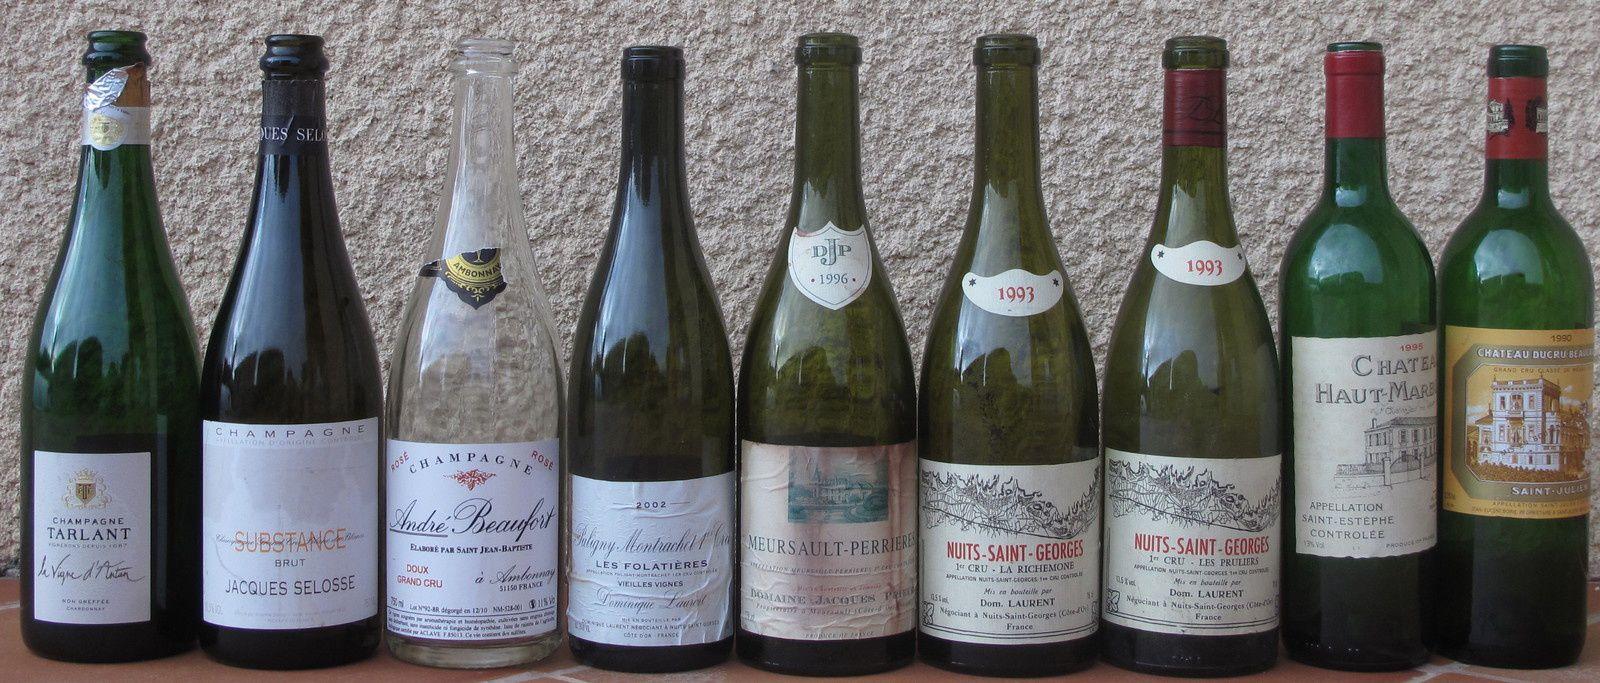 Repas-Dégustation avec Tarlant-Selosse-Beaufort-Prieur-Dom. Laurent-Haut Marbuzet-Ducru Beaucaillou